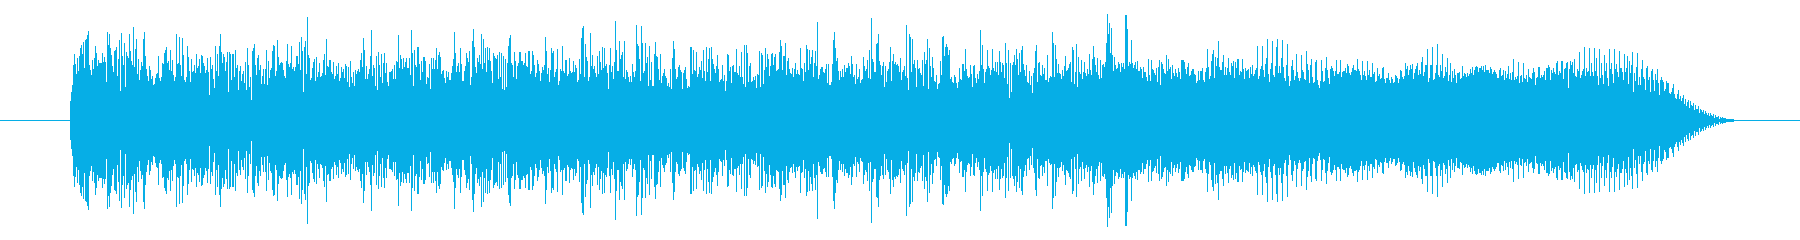 エレキギター・ジングル・場面転換・OPの再生済みの波形